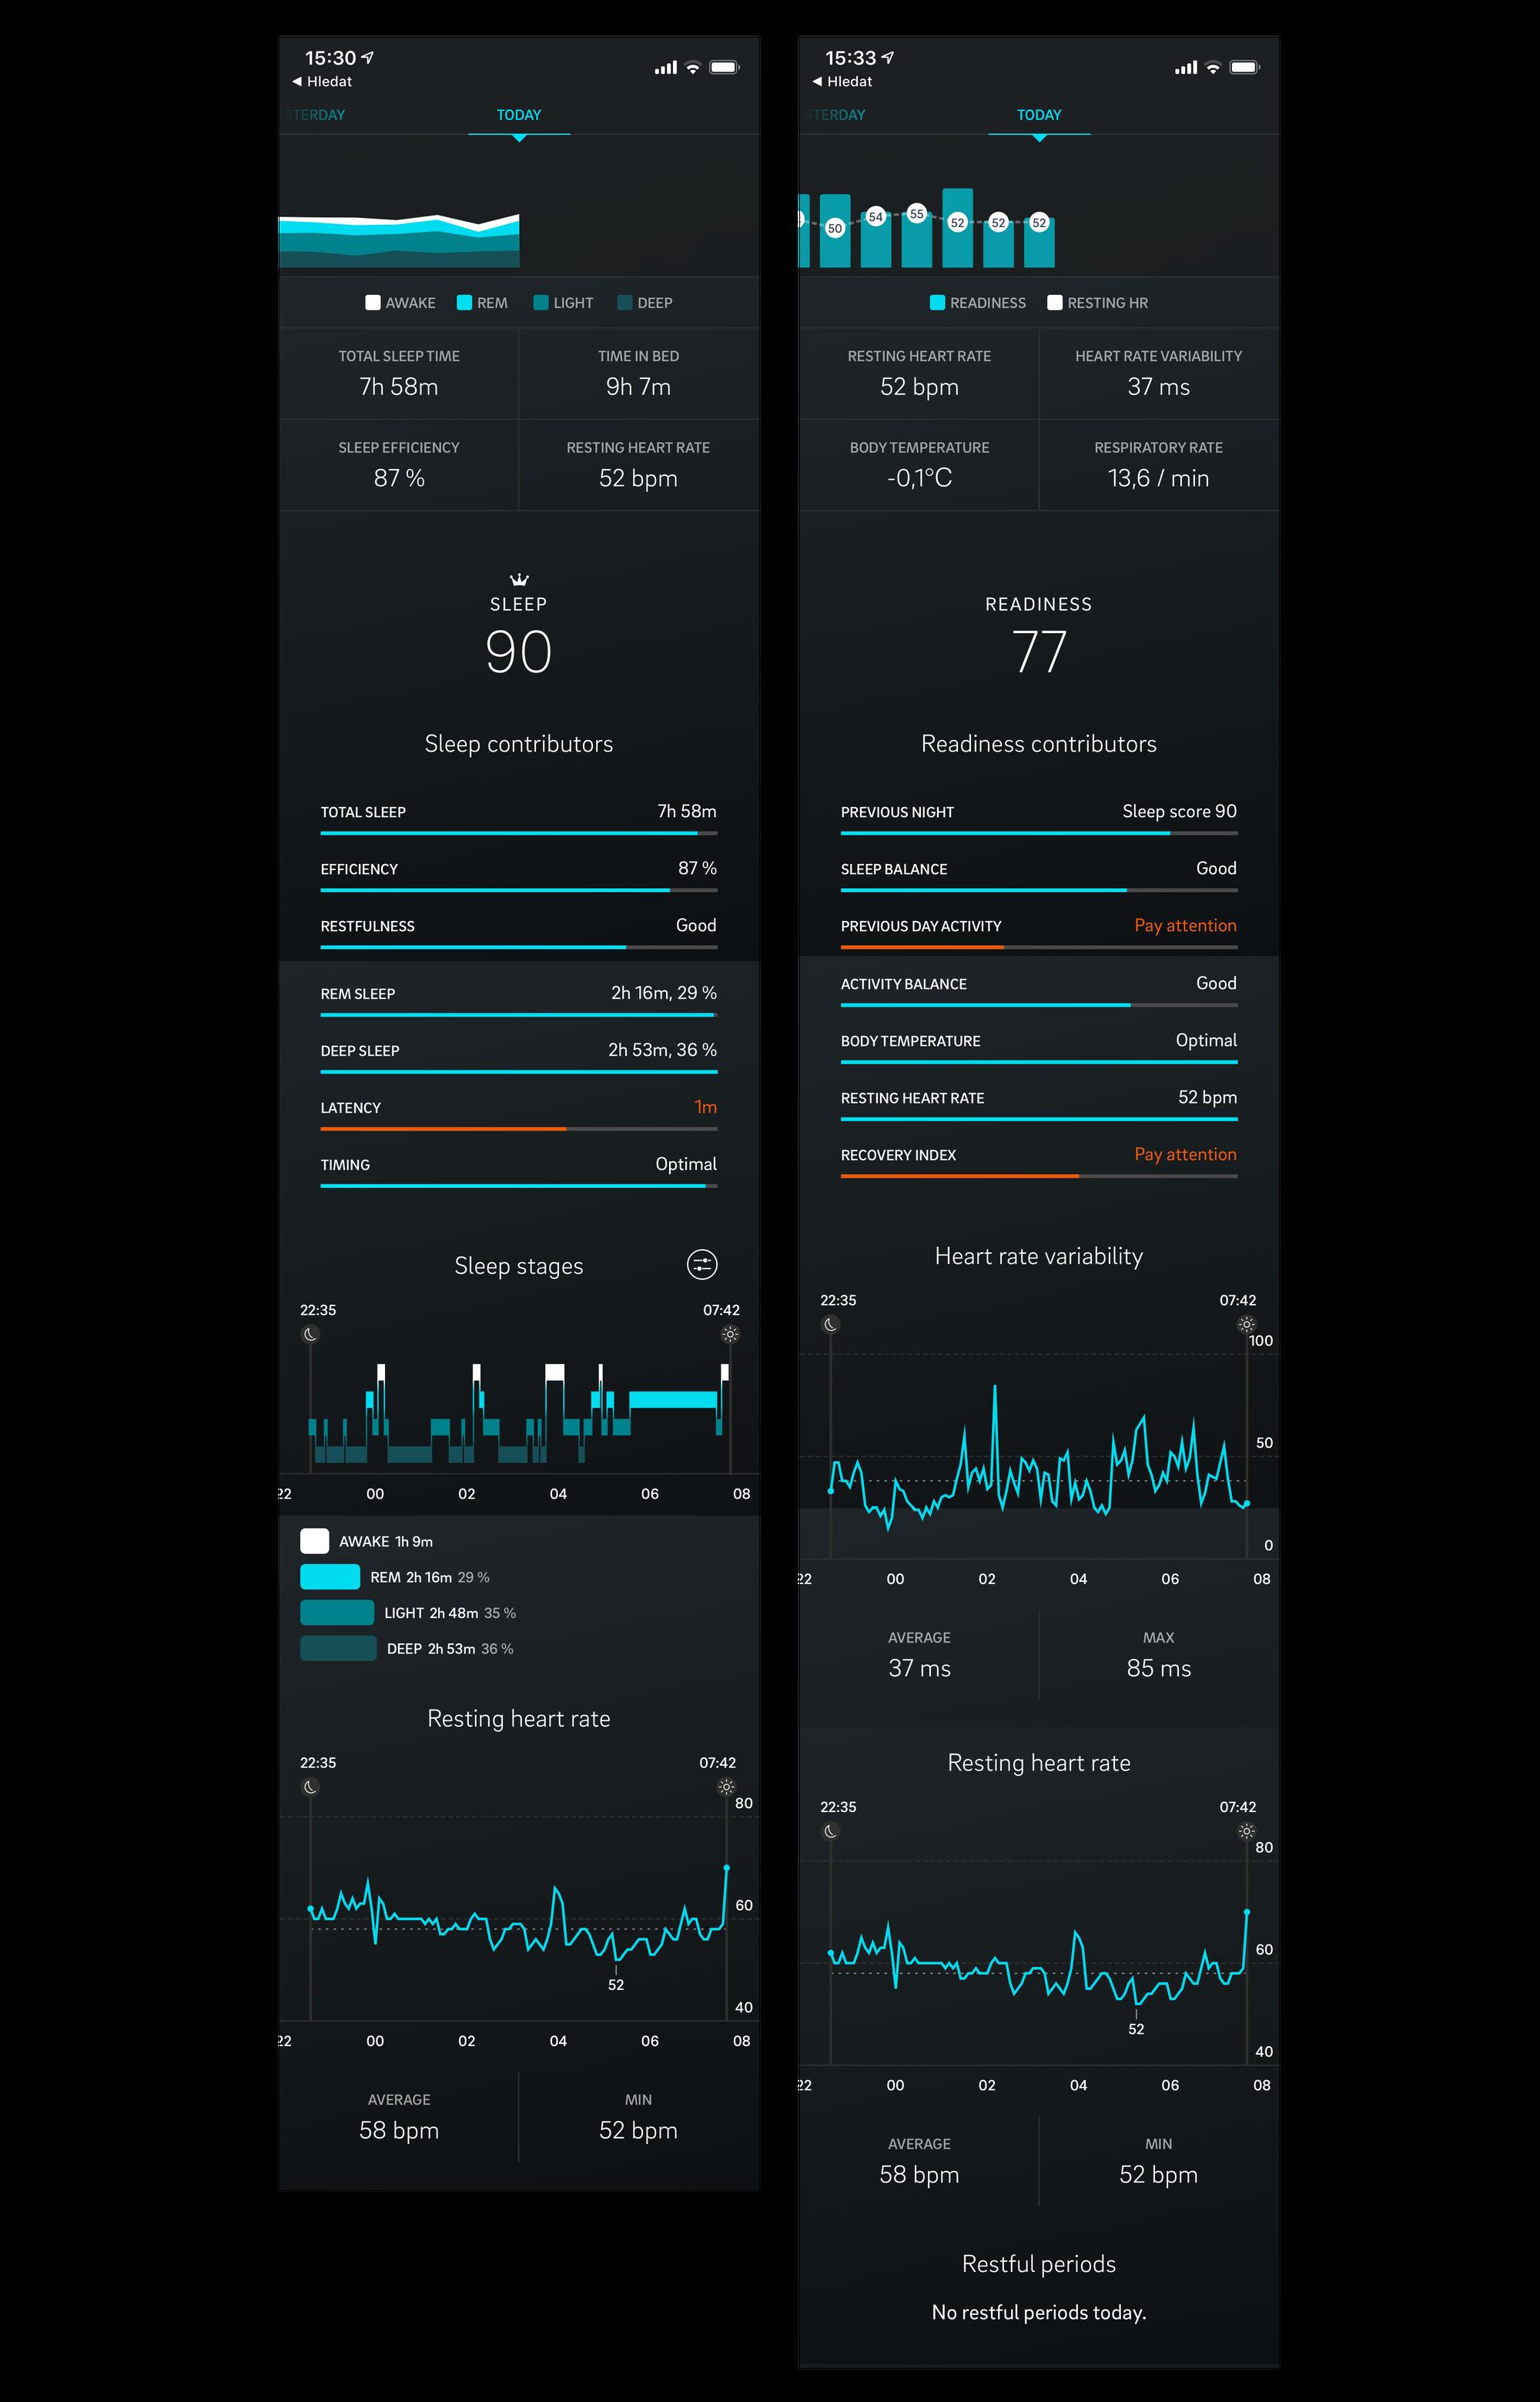 / Vlevo spánek z jedné noci a spánkové score, vpravo readiness score /